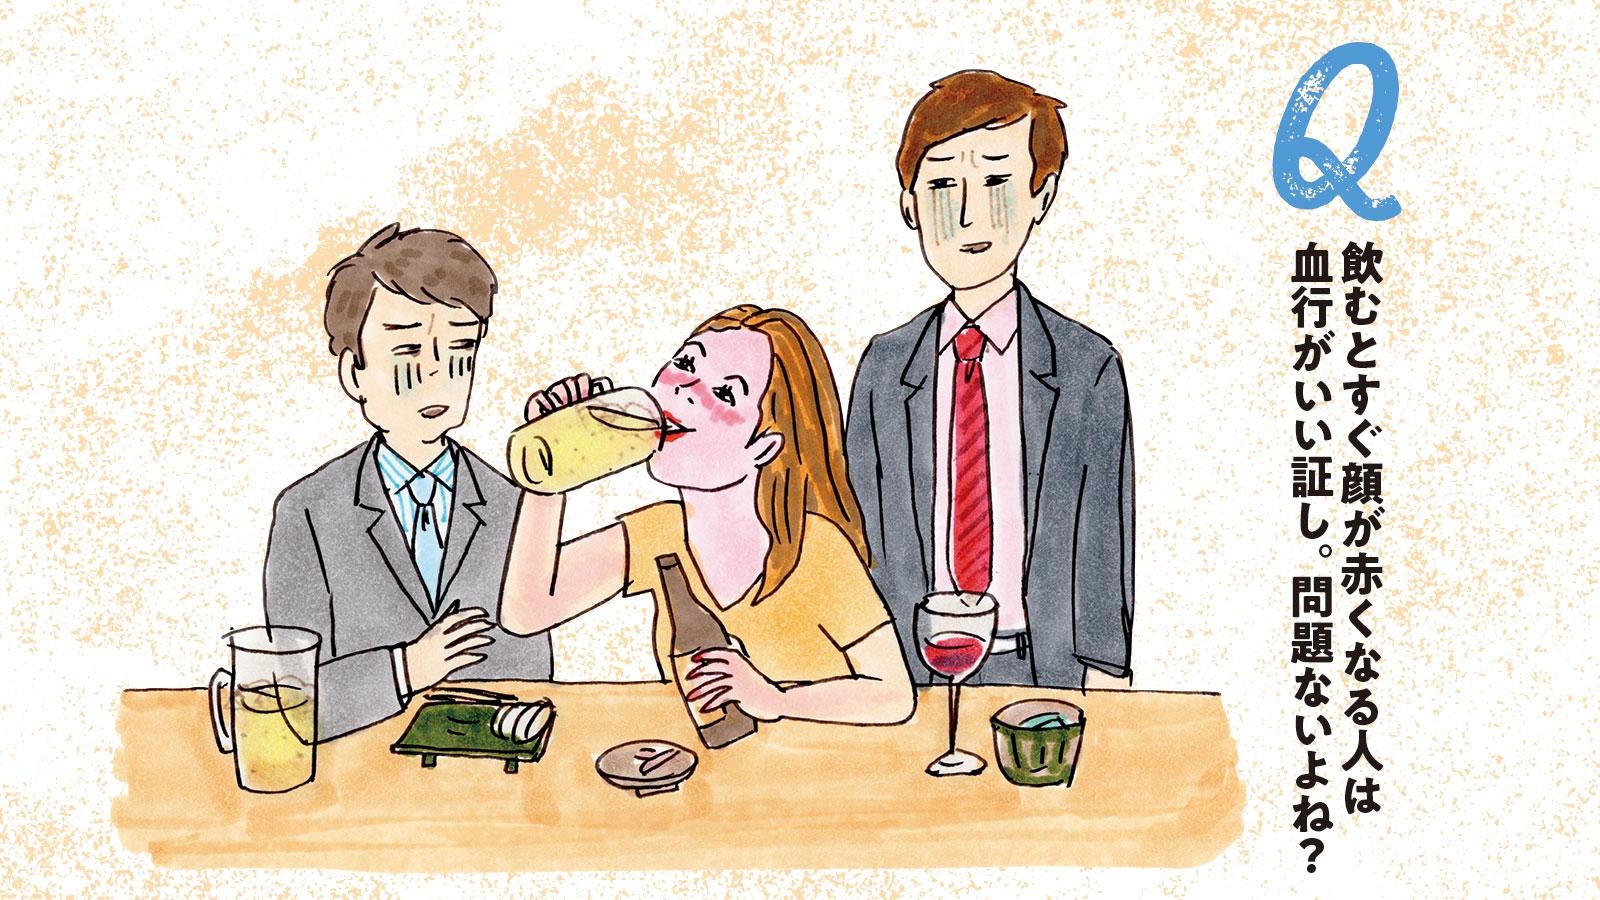 と 飲む なる 赤く を 酒 顔 が